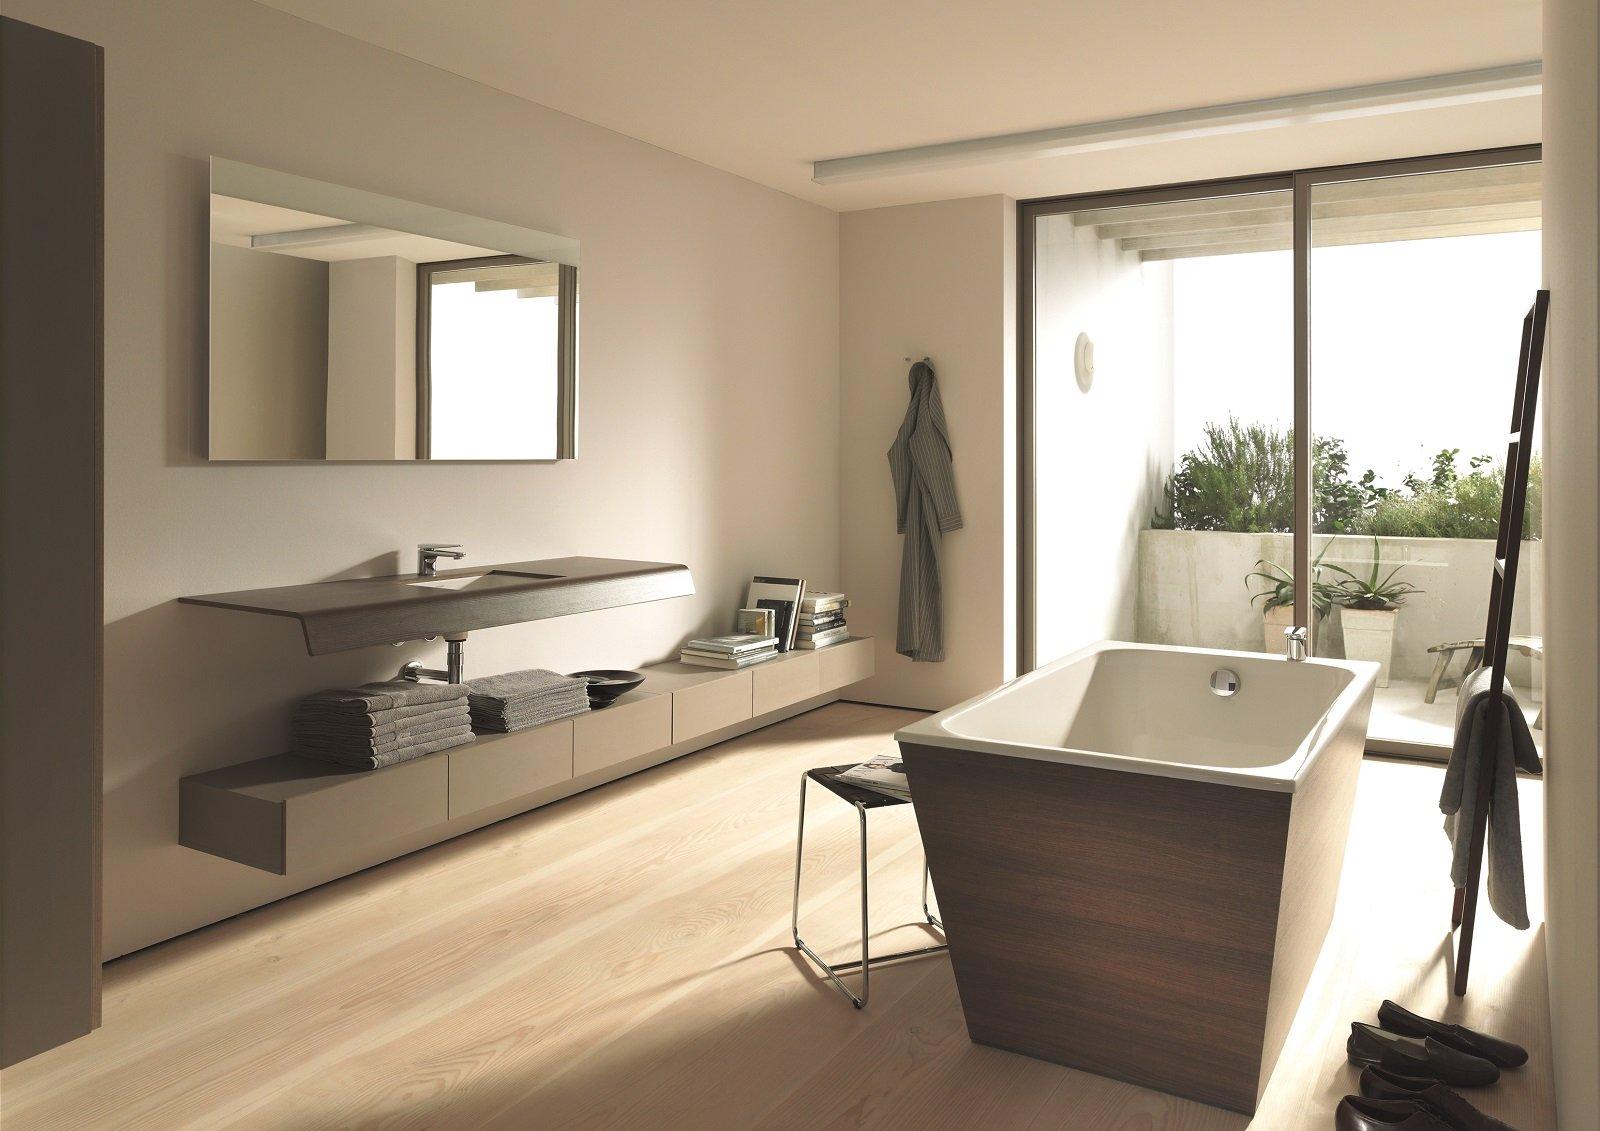 Vasca Da Bagno 160 80 : Vasche da bagno in corian archiproducts